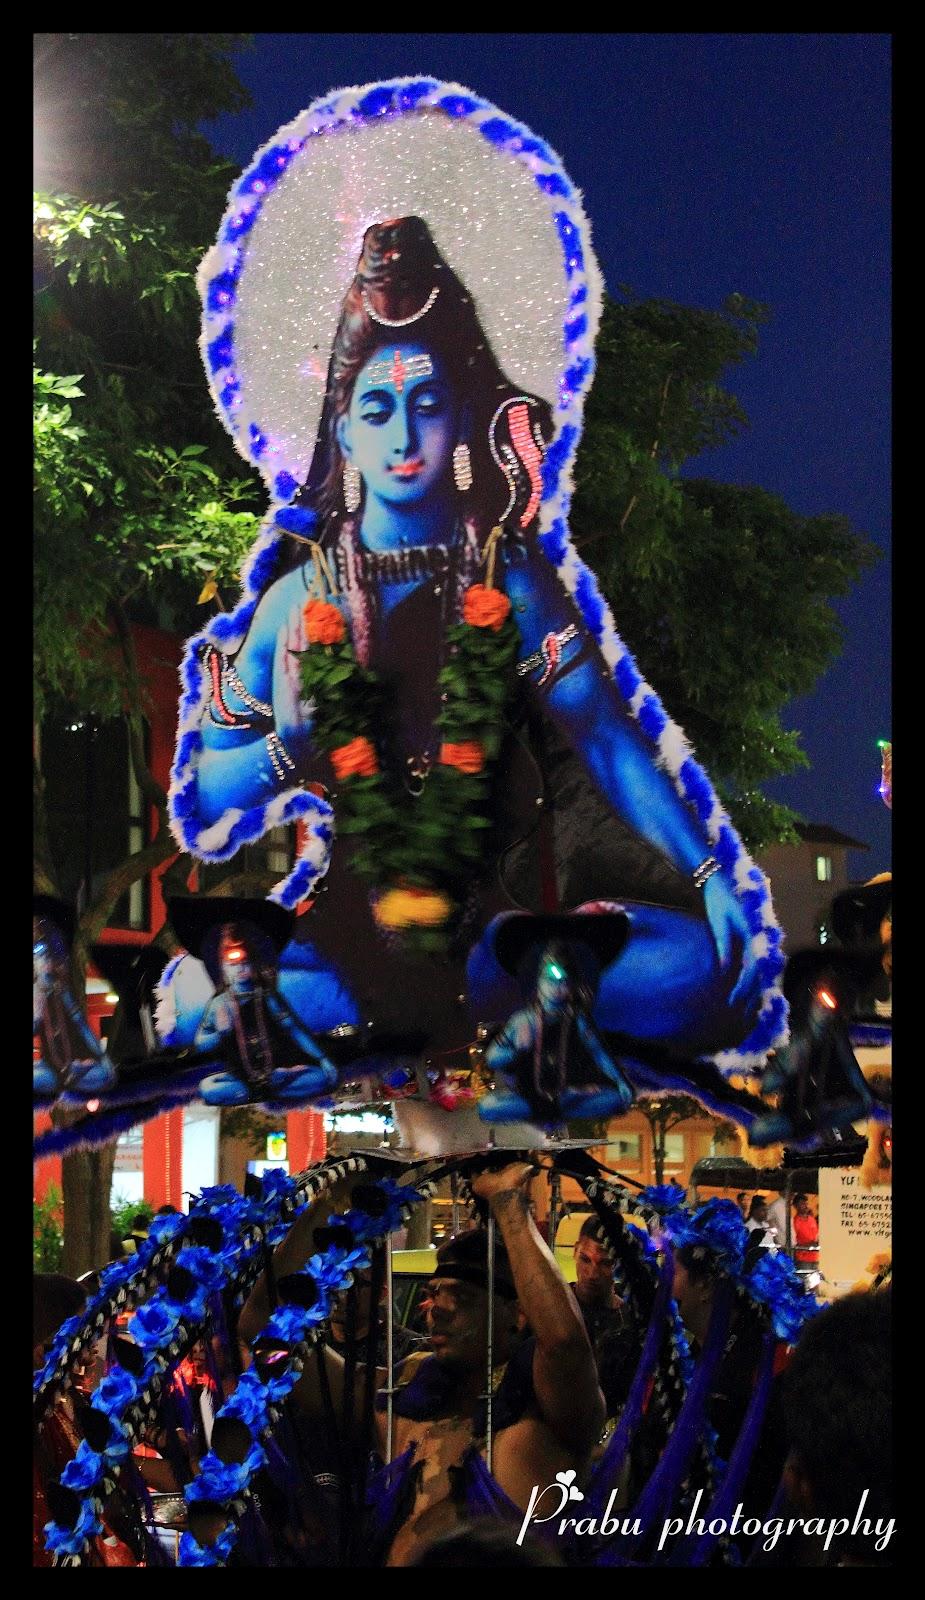 சிங்கப்பூர் தைப்பூசம் 2012 (புகைப்படங்கள்)-பகுதி-1 IMG_5162-1